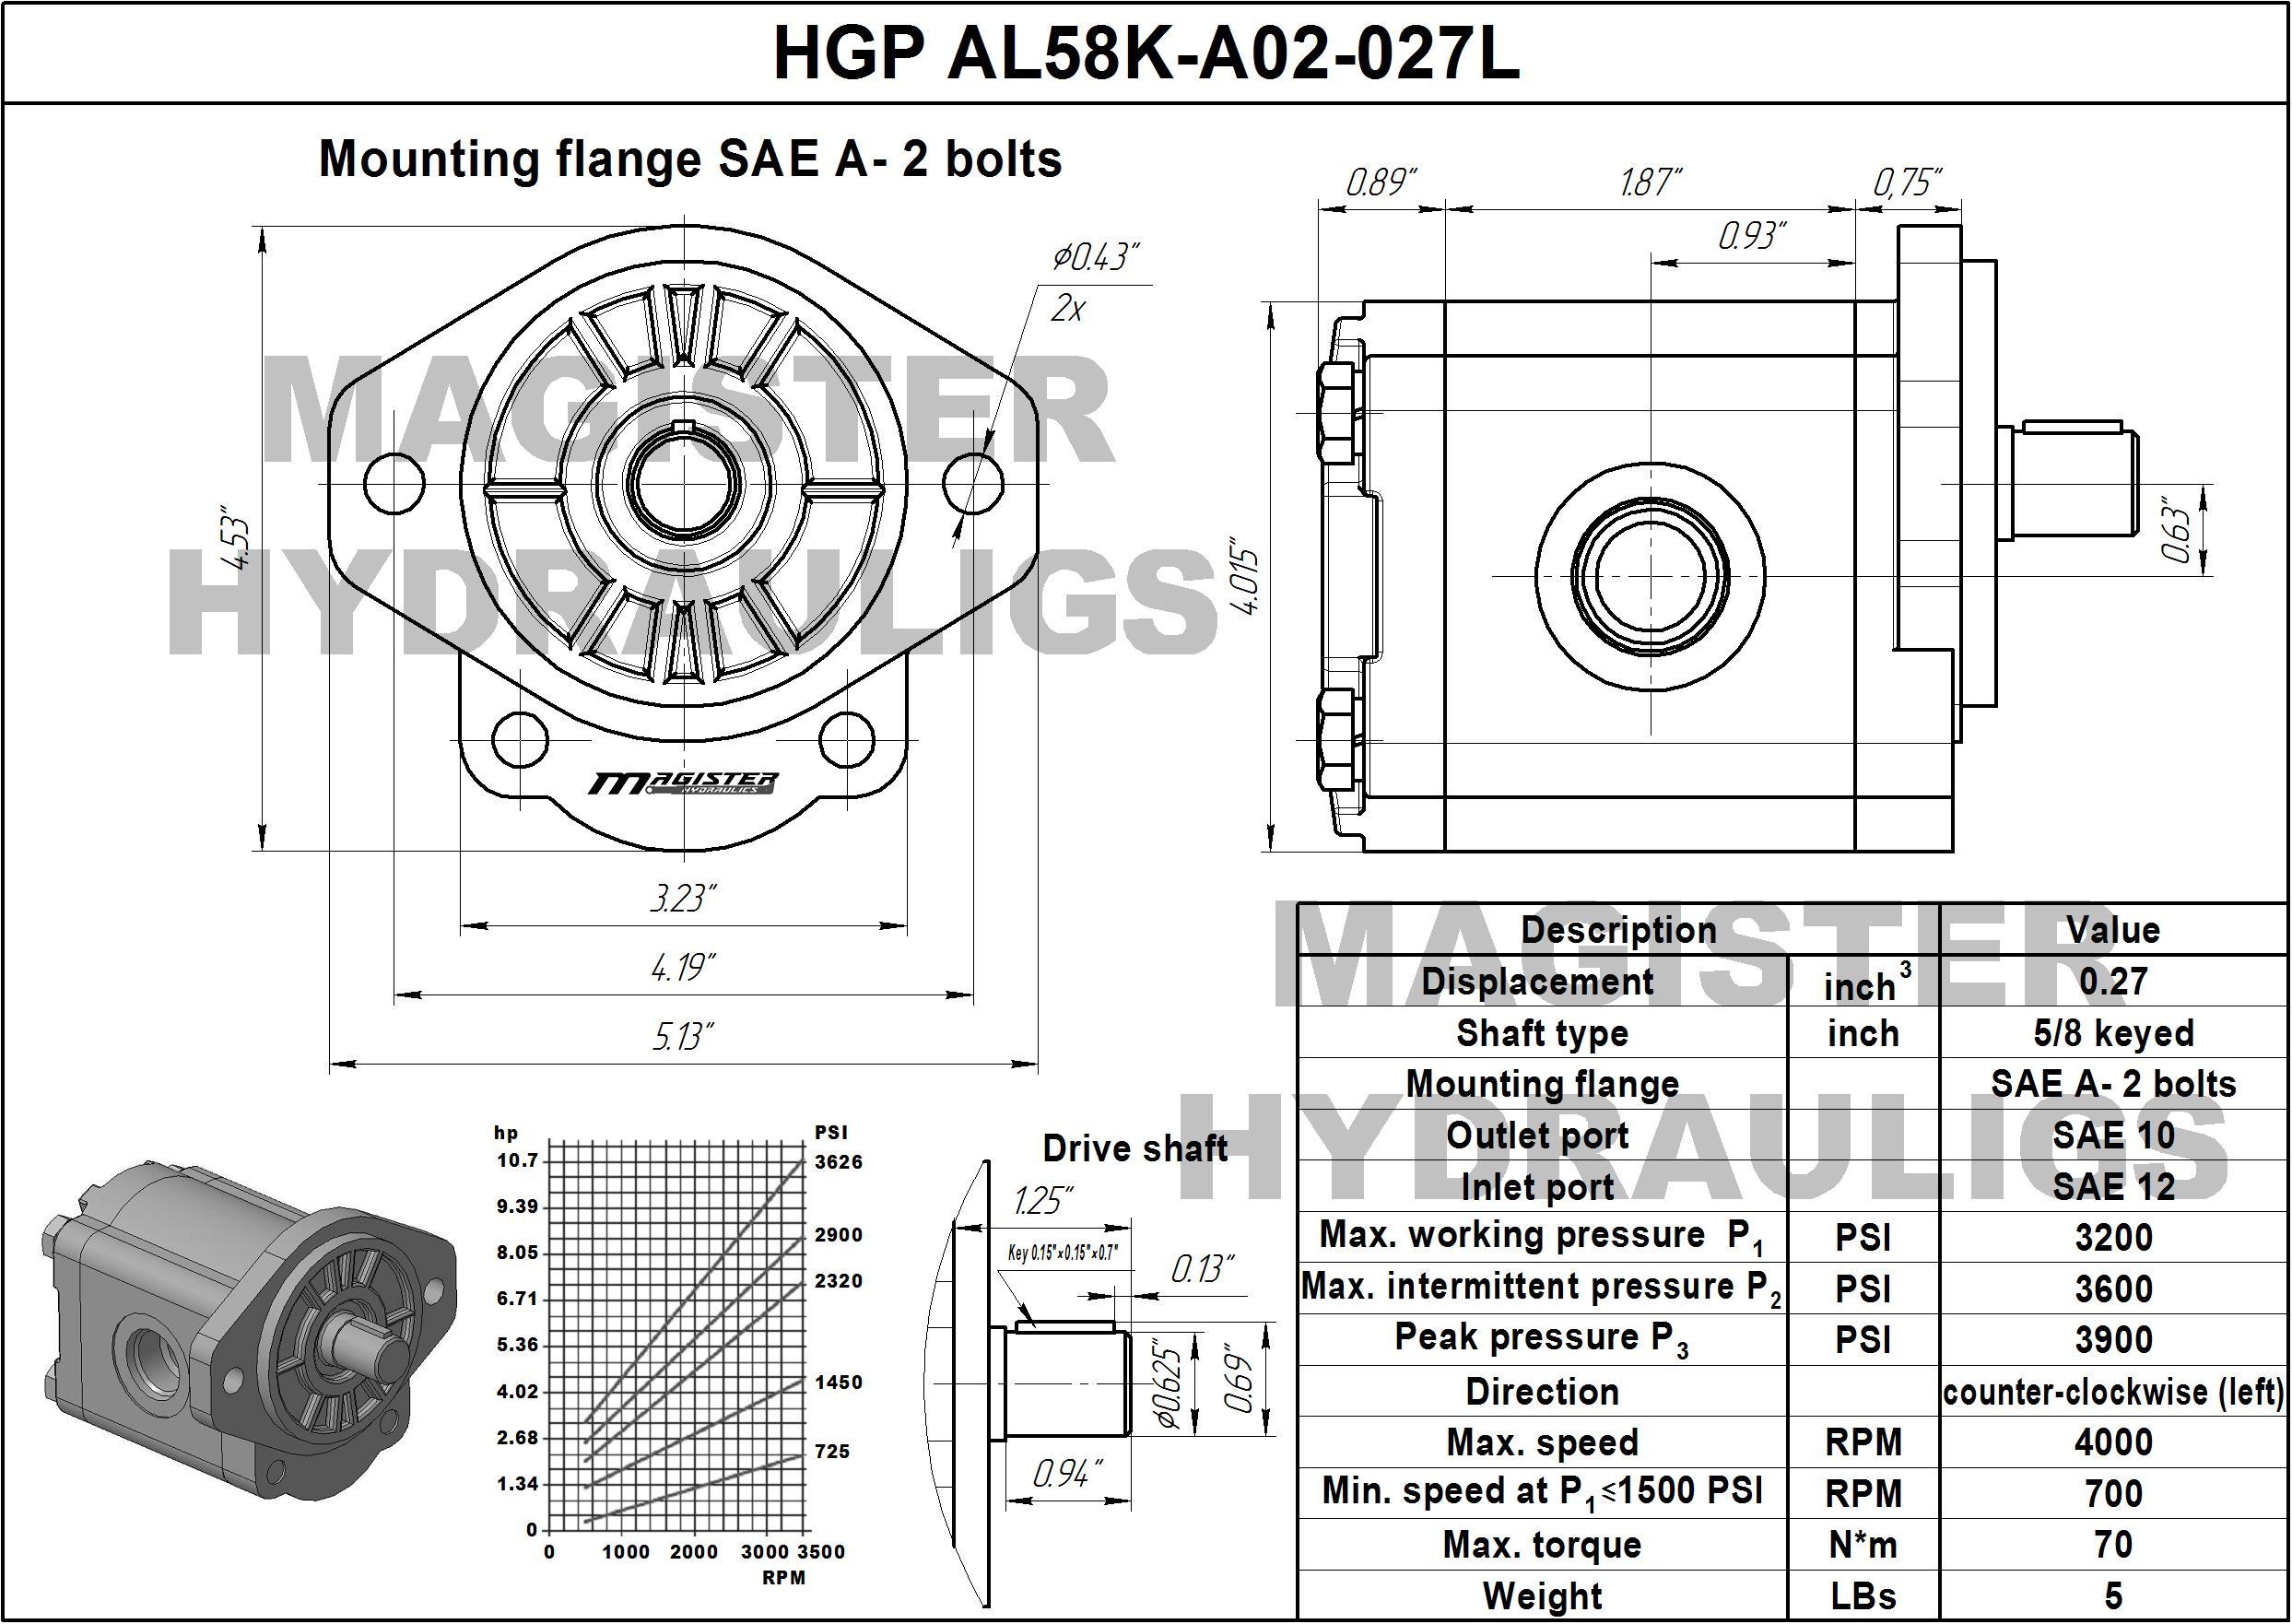 0.27 CID hydraulic gear pump, 5/8 keyed shaft counter-clockwise gear pump | Magister Hydraulics